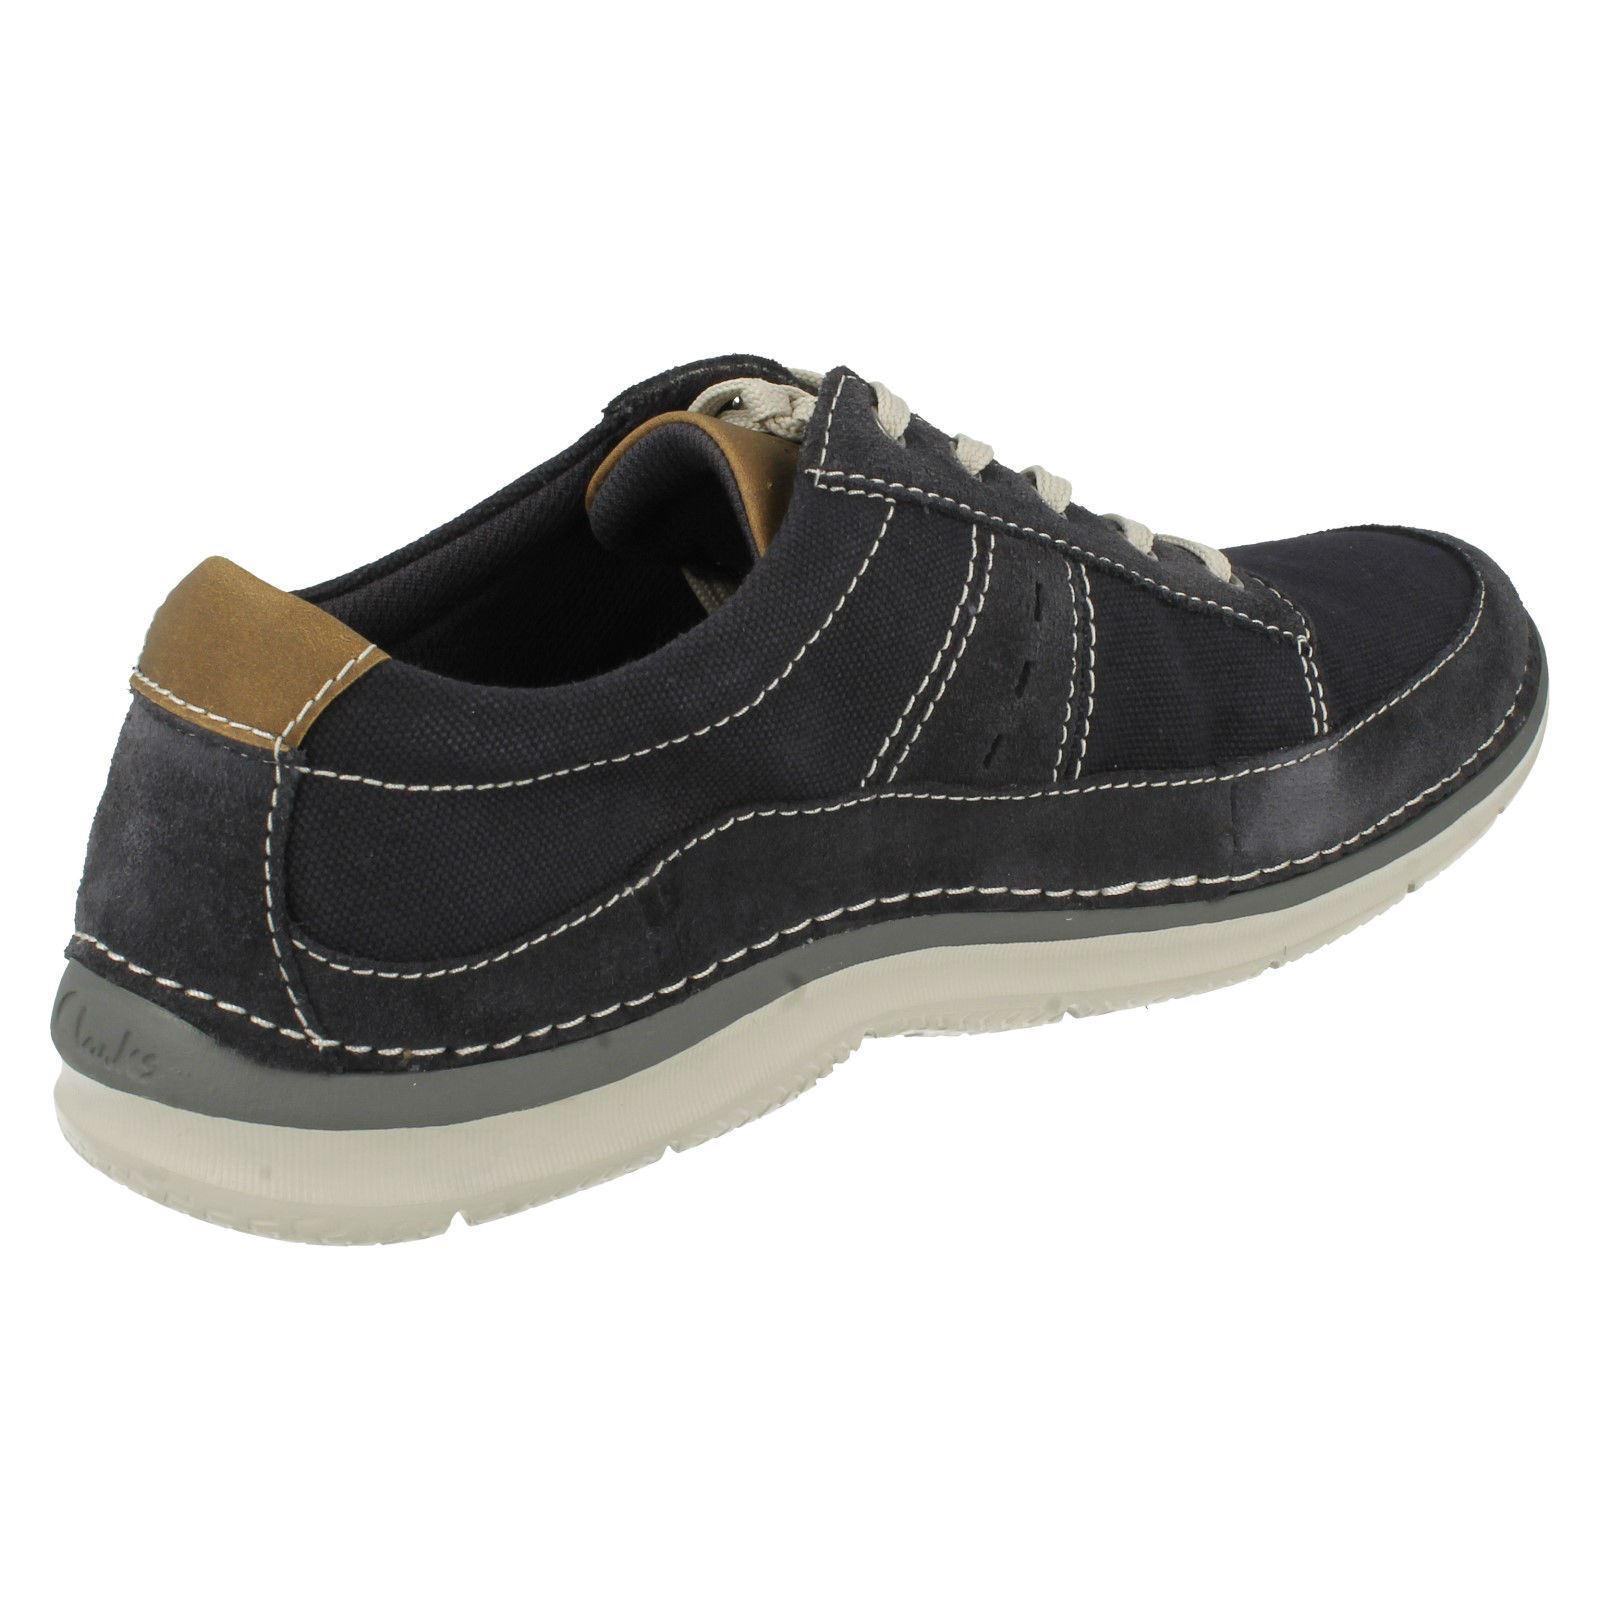 Mens Clarks Casual Canvas Shoes Ripton Plain Olive  Uk